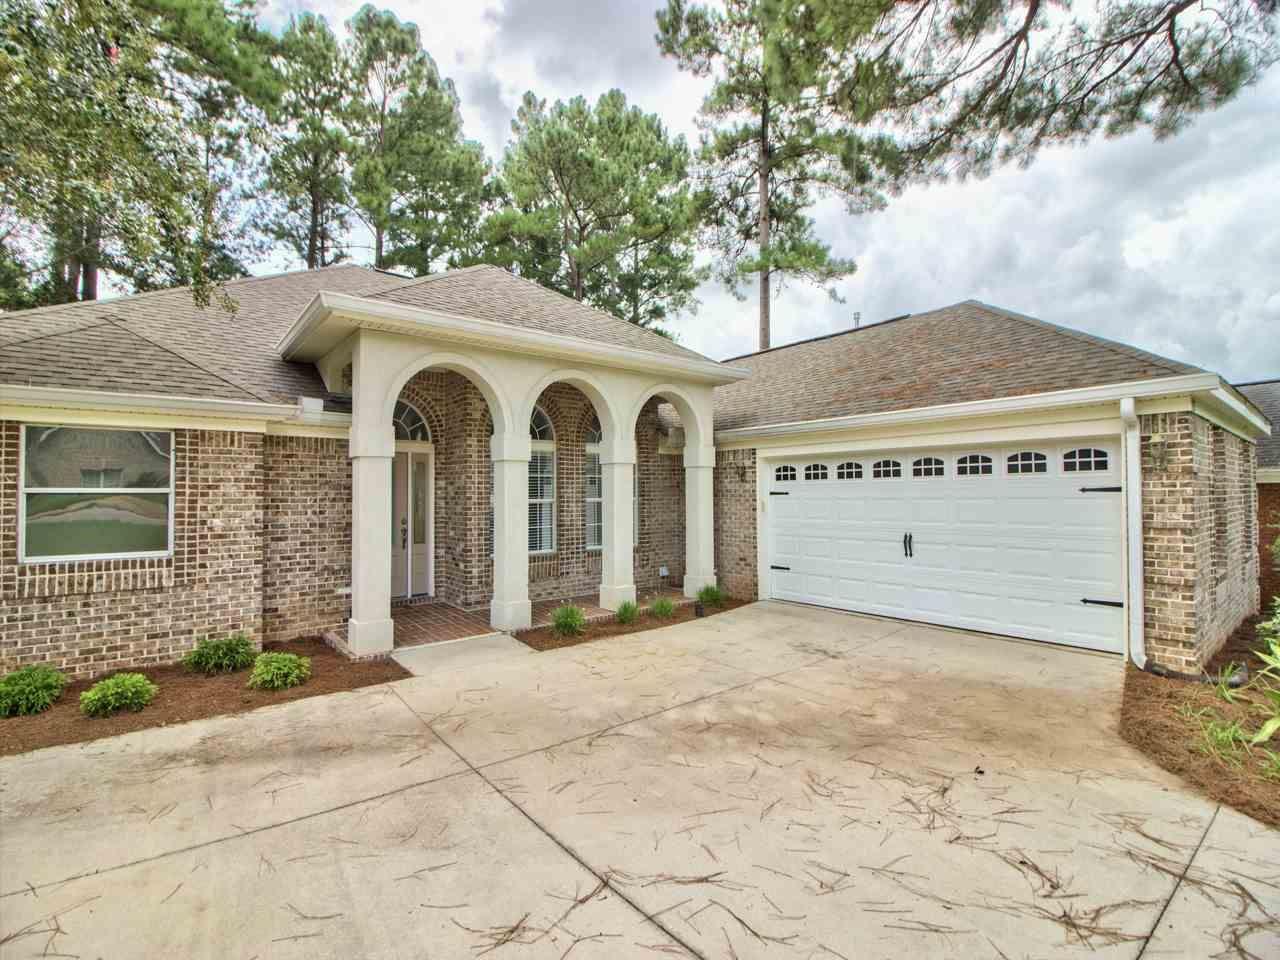 836 Eagle View Drive, Tallahassee, FL 32311 - MLS#: 332747